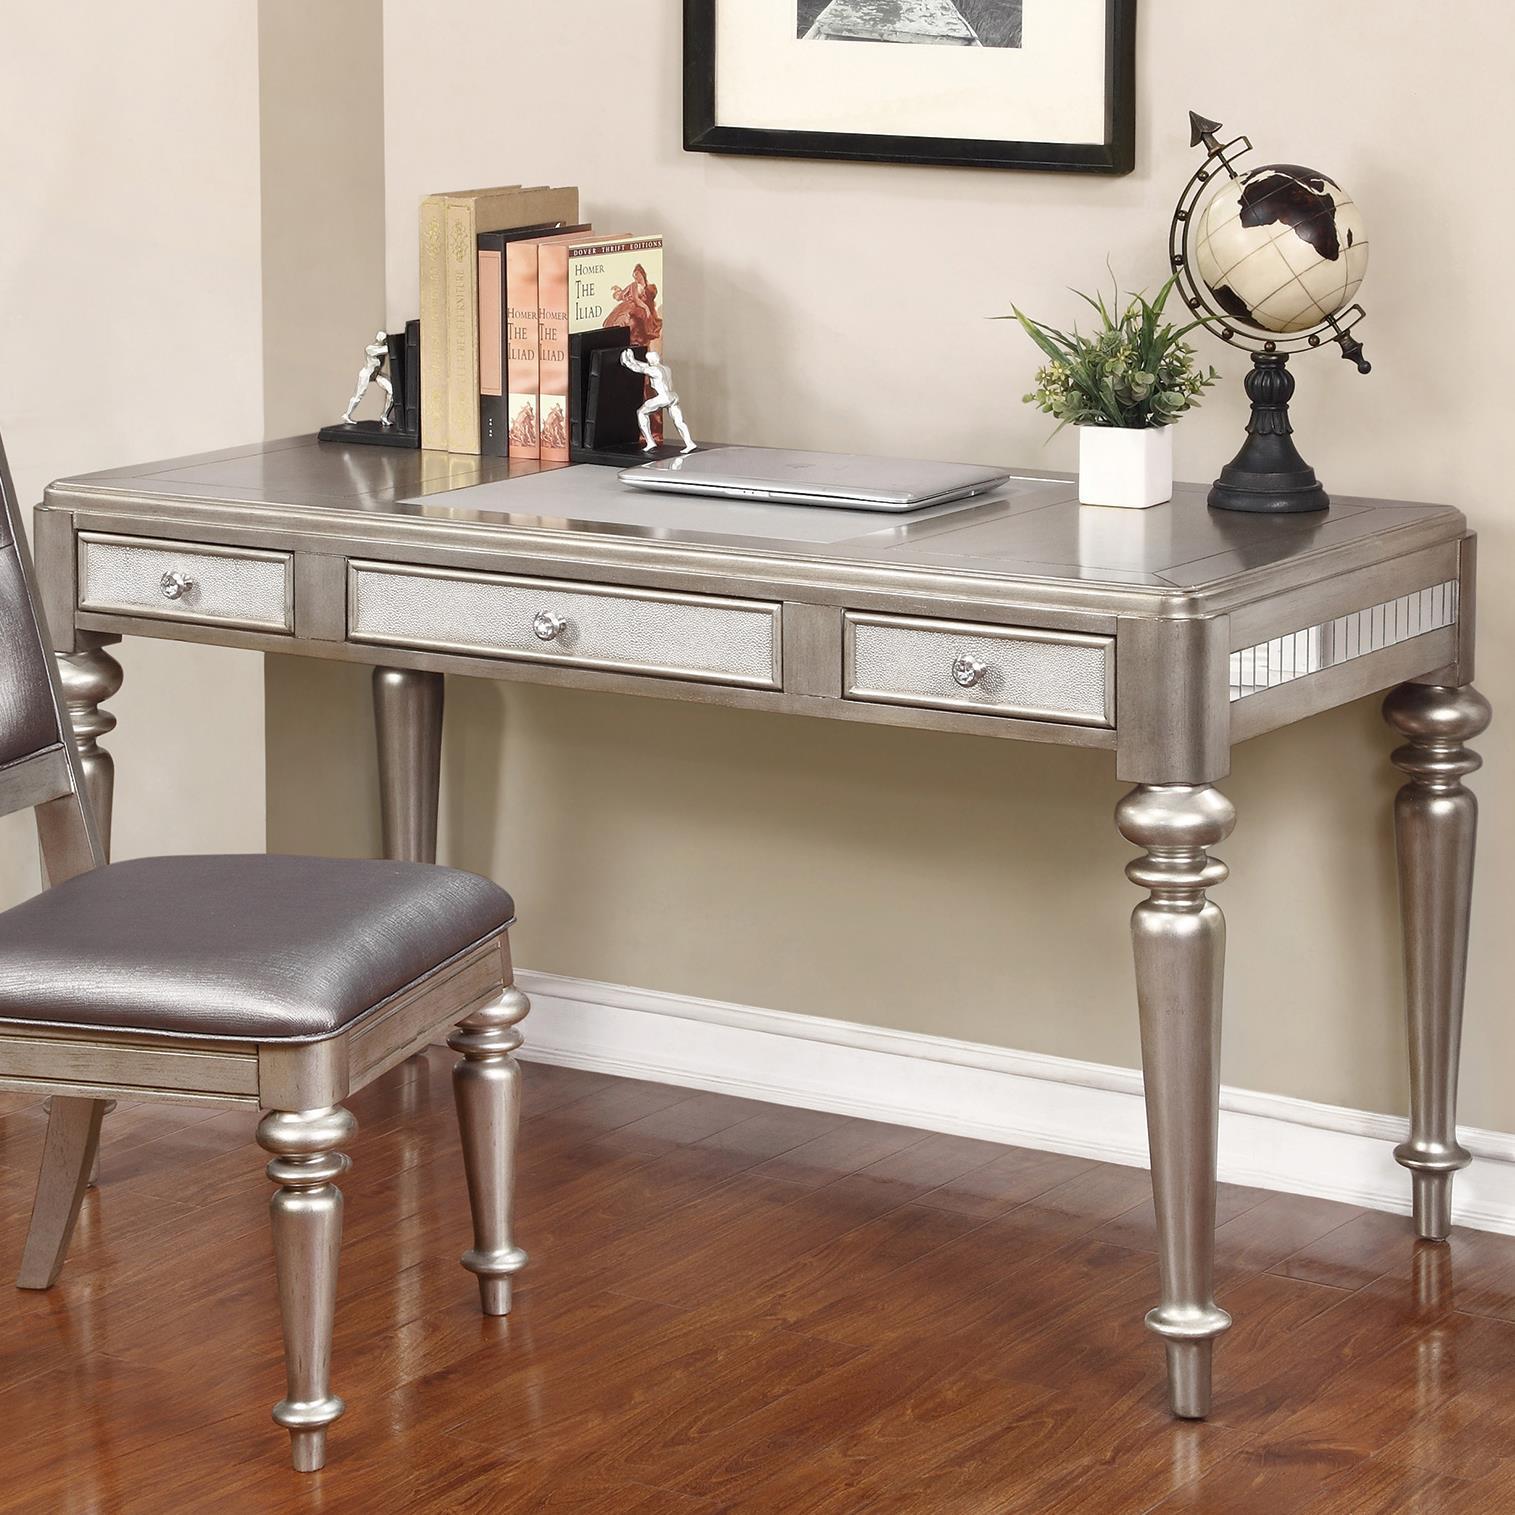 coaster 804187 writing desk with leatherette drawer fronts del sol furniture table desks. Black Bedroom Furniture Sets. Home Design Ideas